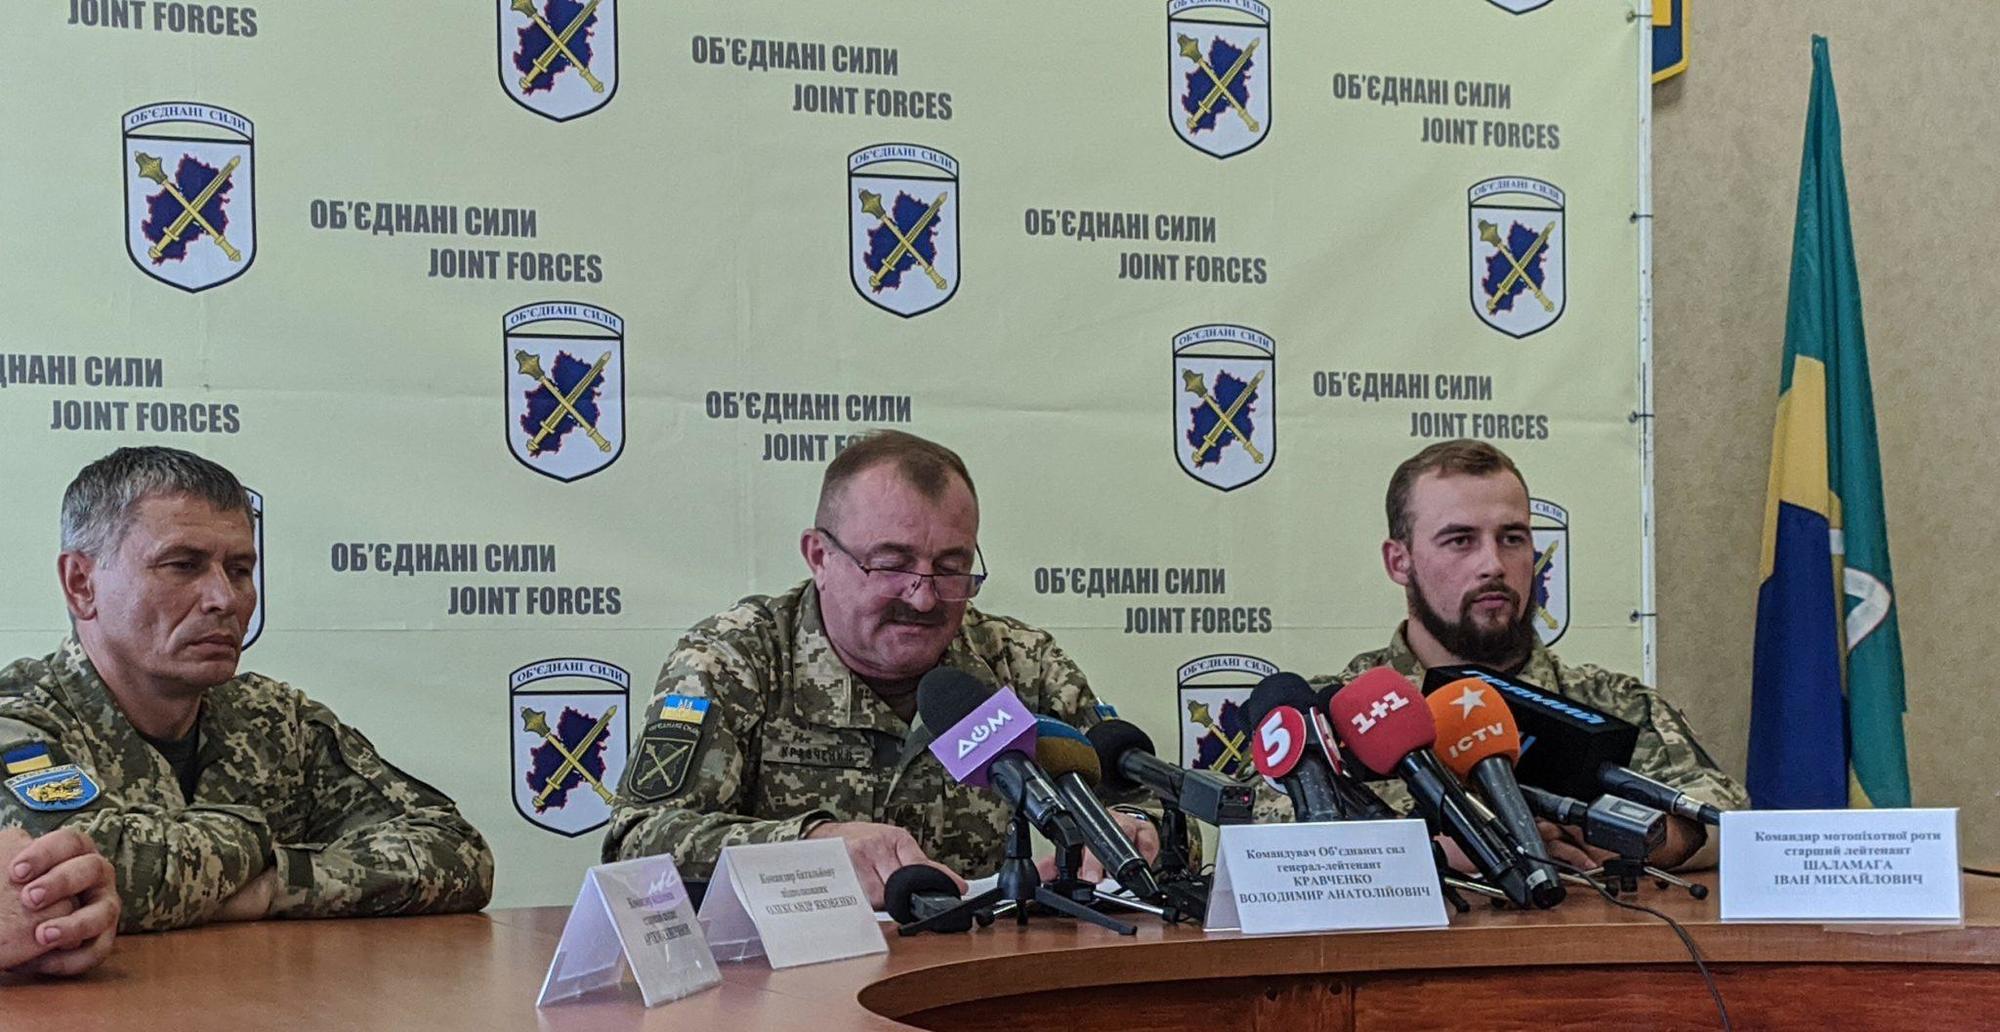 Володимир Кравченко штаб ООС